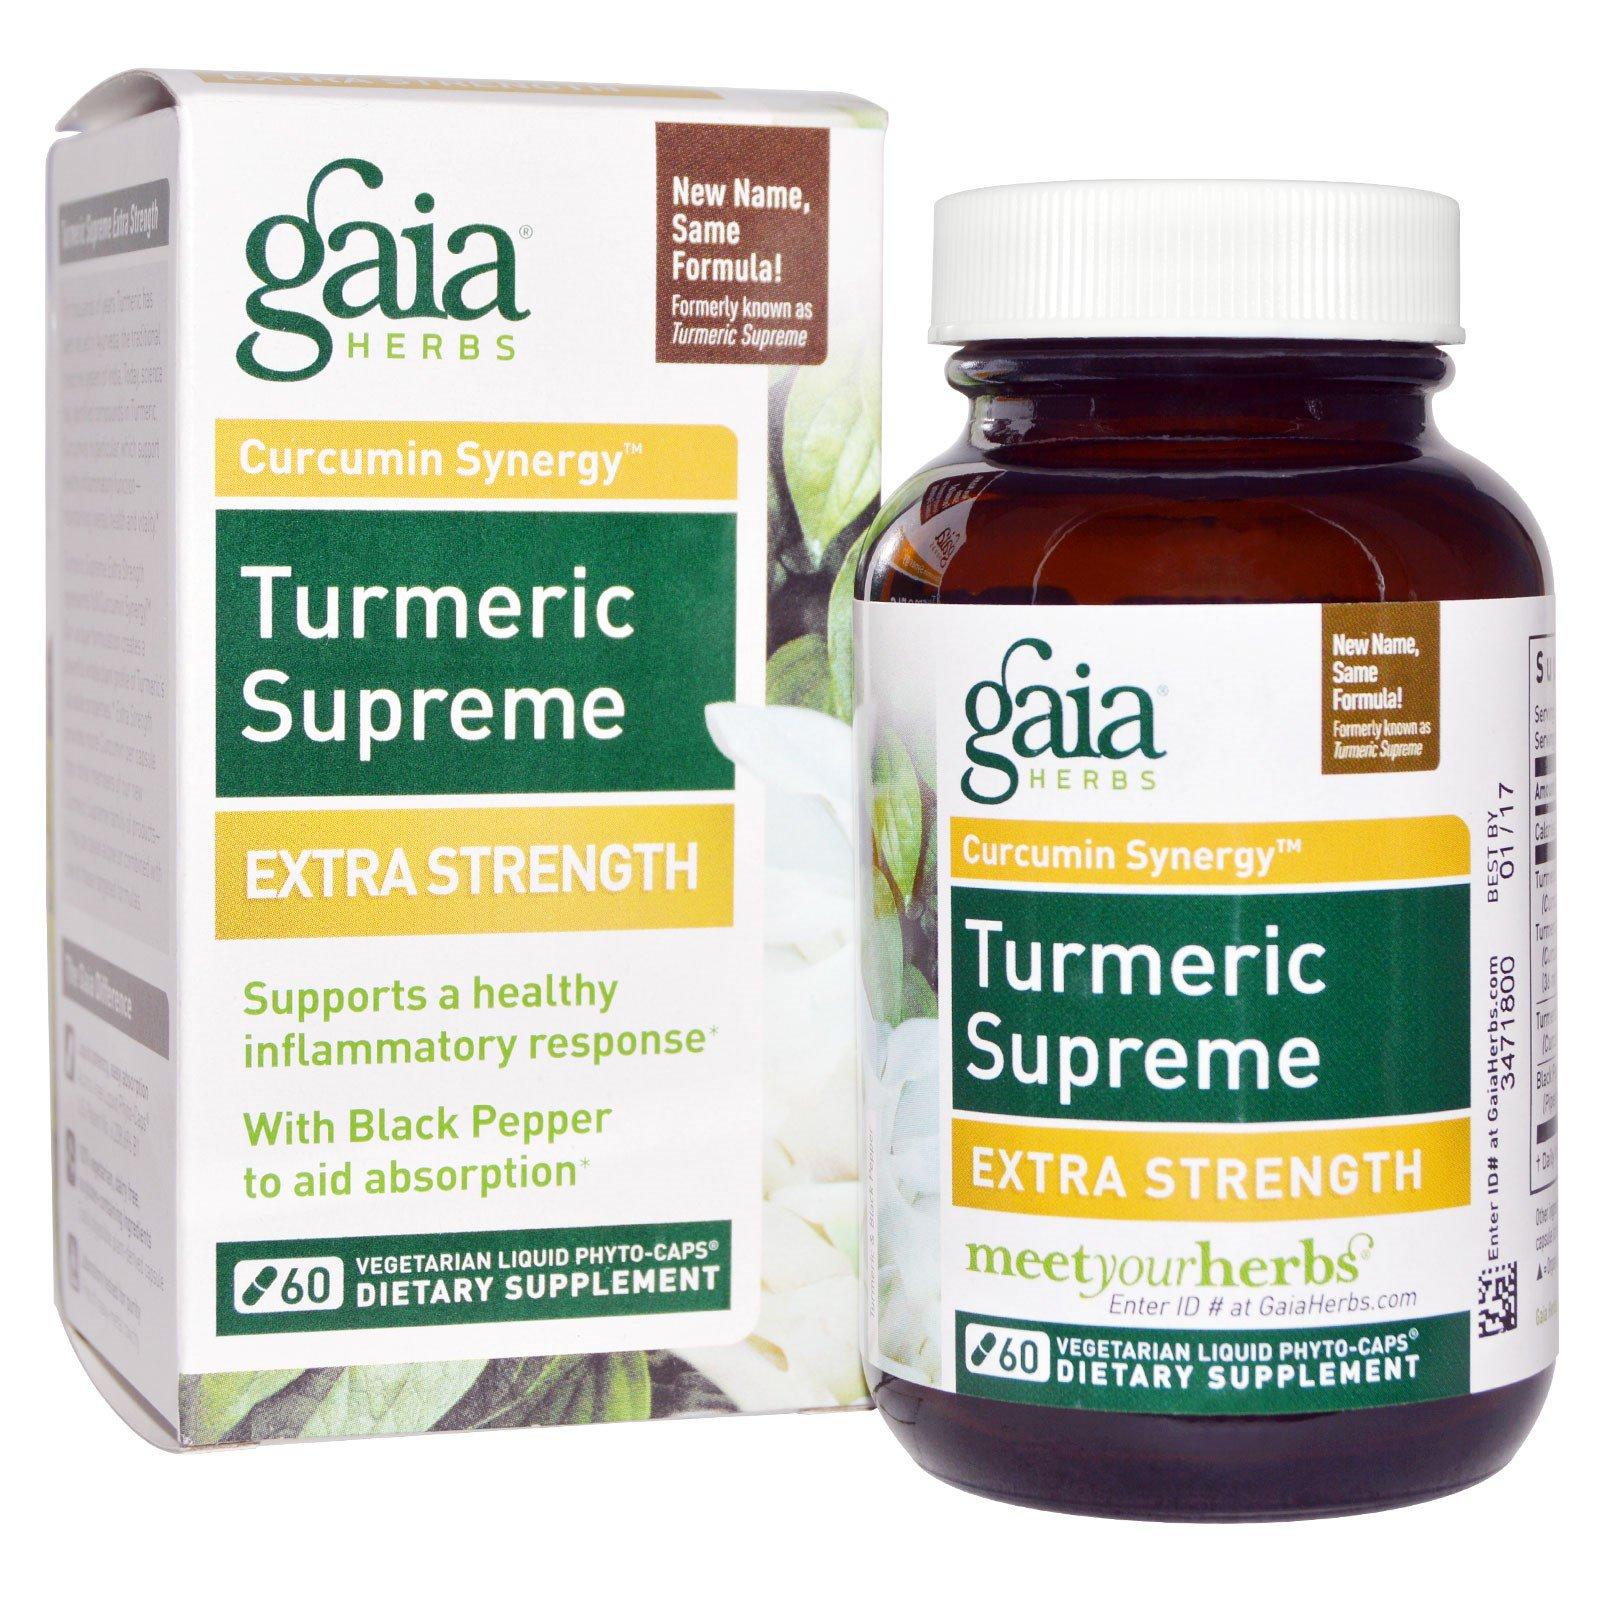 Gaia Herbs, Куркума Supreme, увеличение силы, 60 вегетарианских Phyto-Caps, заполненных жидкостью